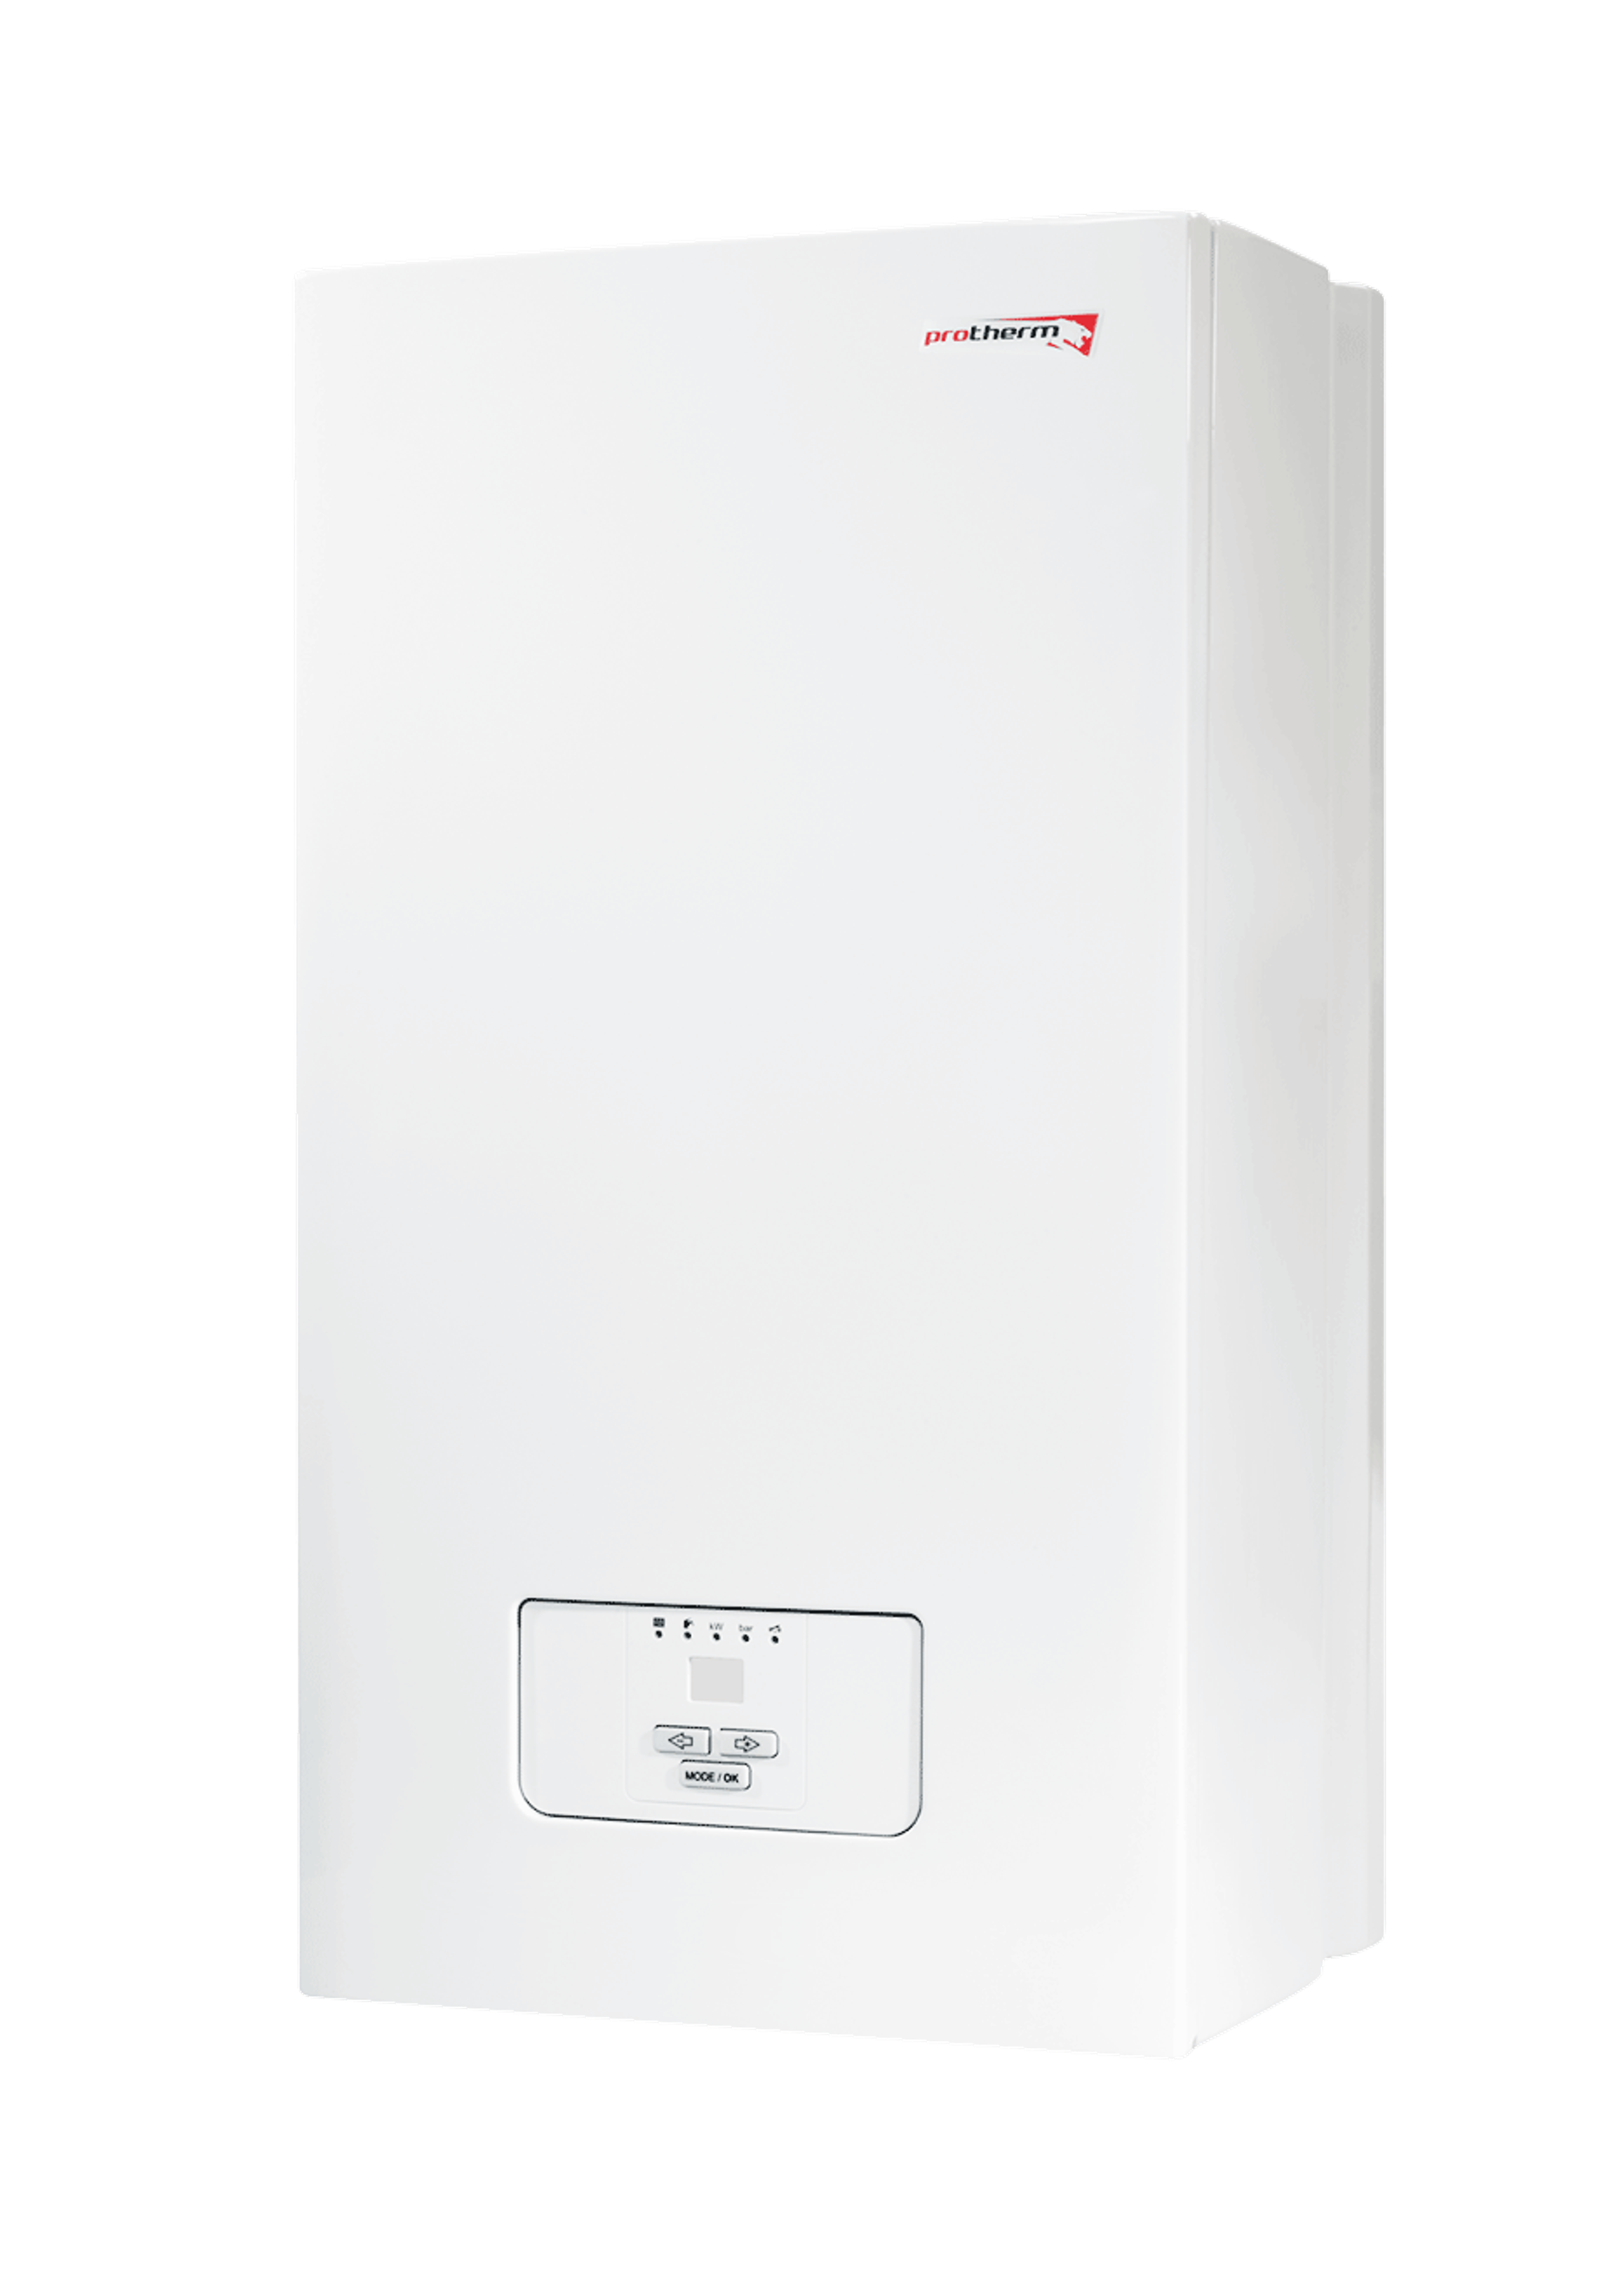 Котел электрический Protherm Скат 28 KE 14 (28 кВт), 380В